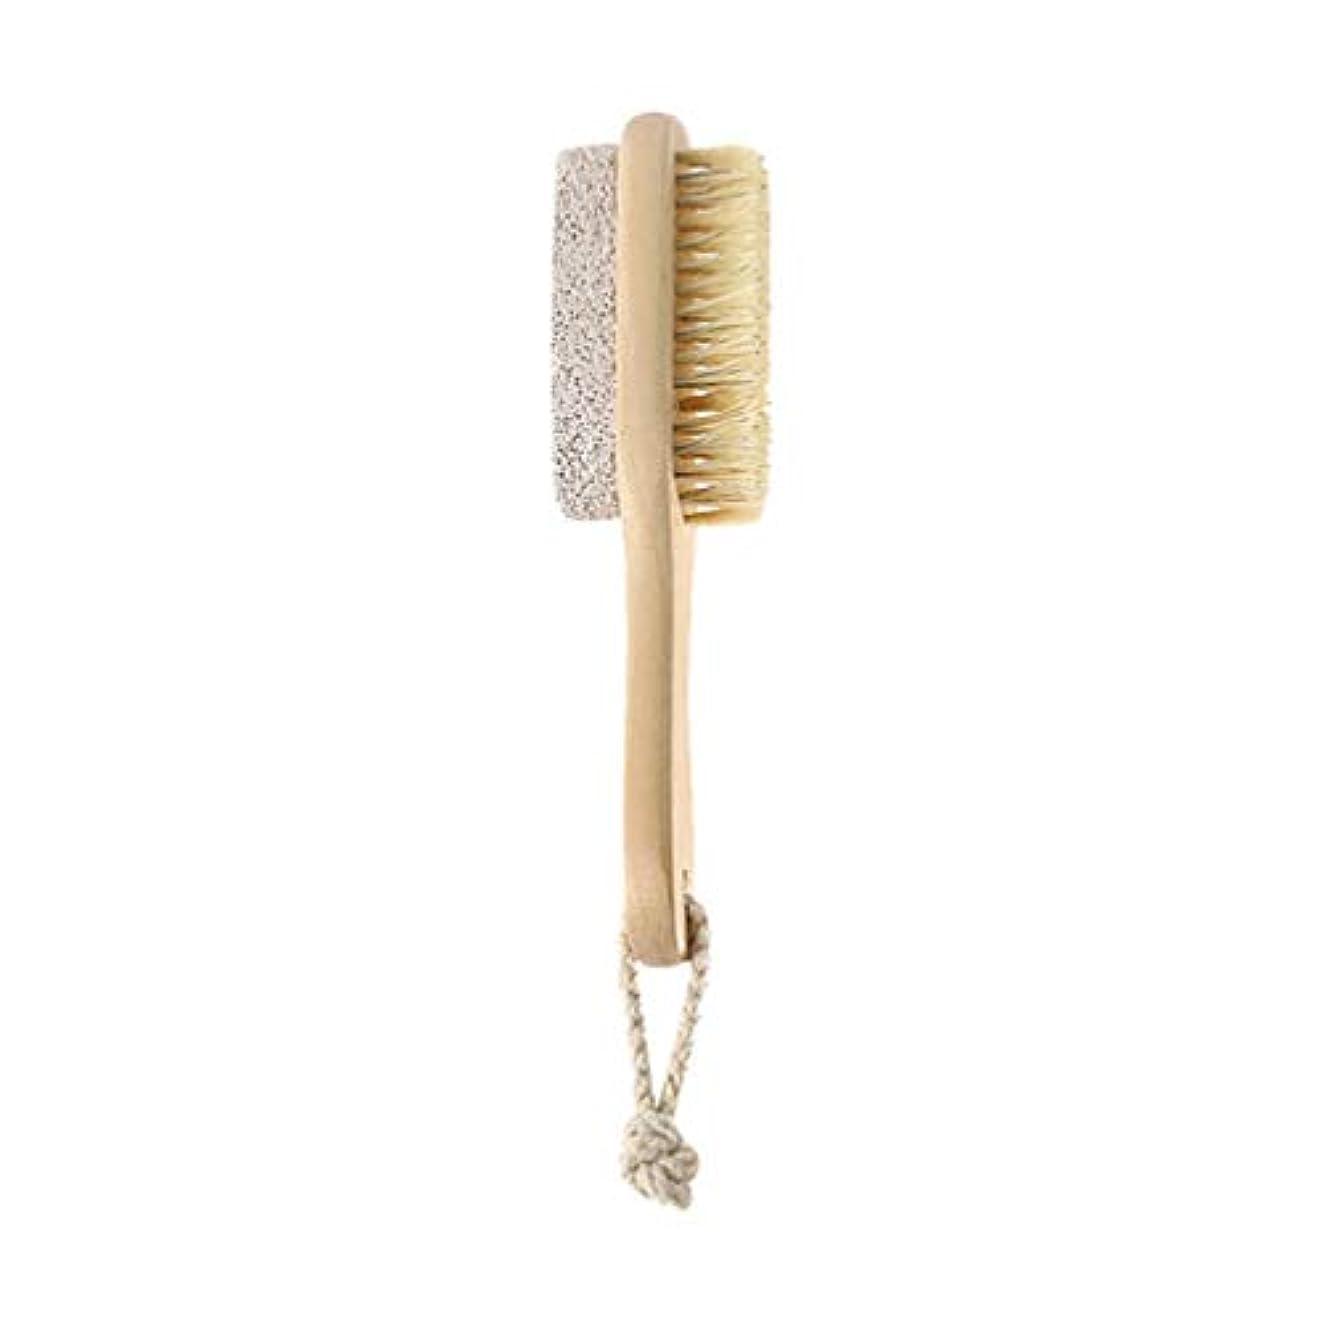 債権者登録執着Healifty 自然な毛の足ファイルブラシ軽石石カルスリムーバー死んだ皮膚リムーバーの木製ハンドル付き